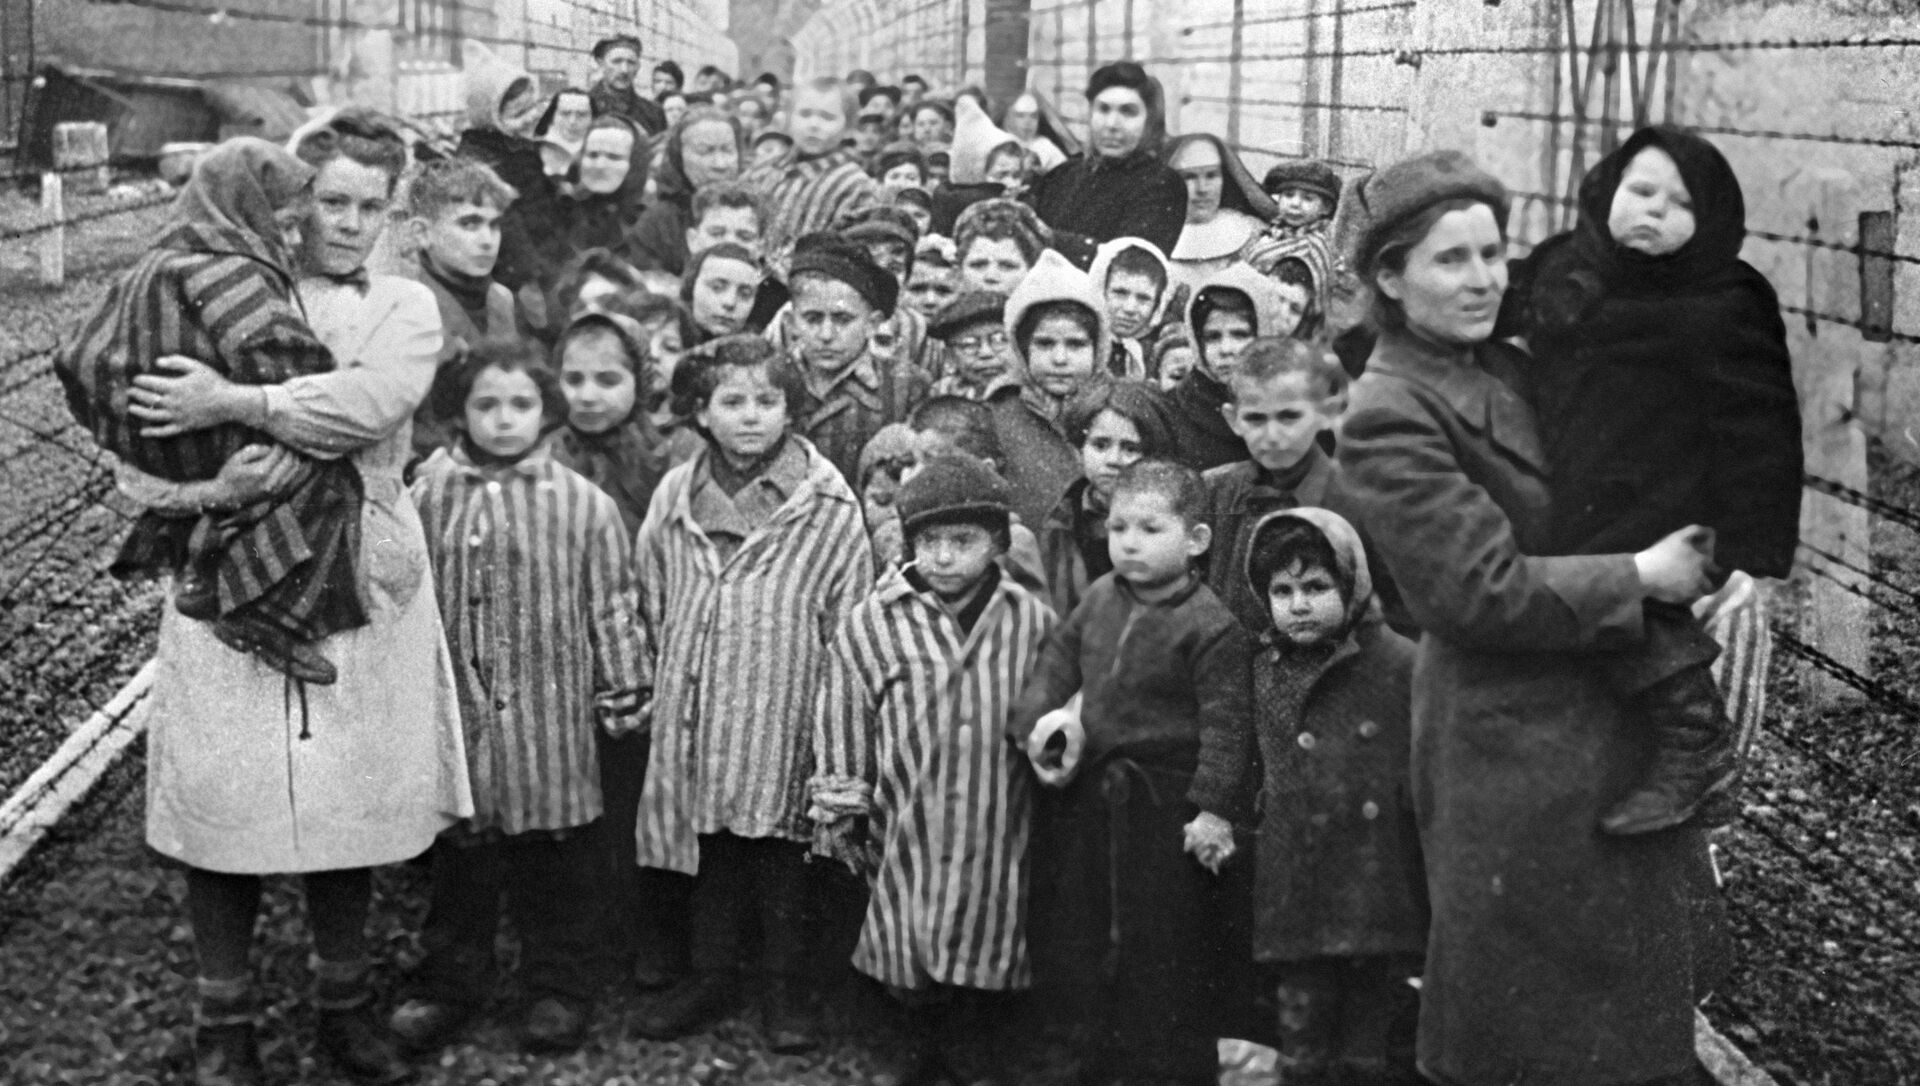 Le prime ore dopo la liberazione di Auschwitz  - Sputnik Italia, 1920, 19.04.2021